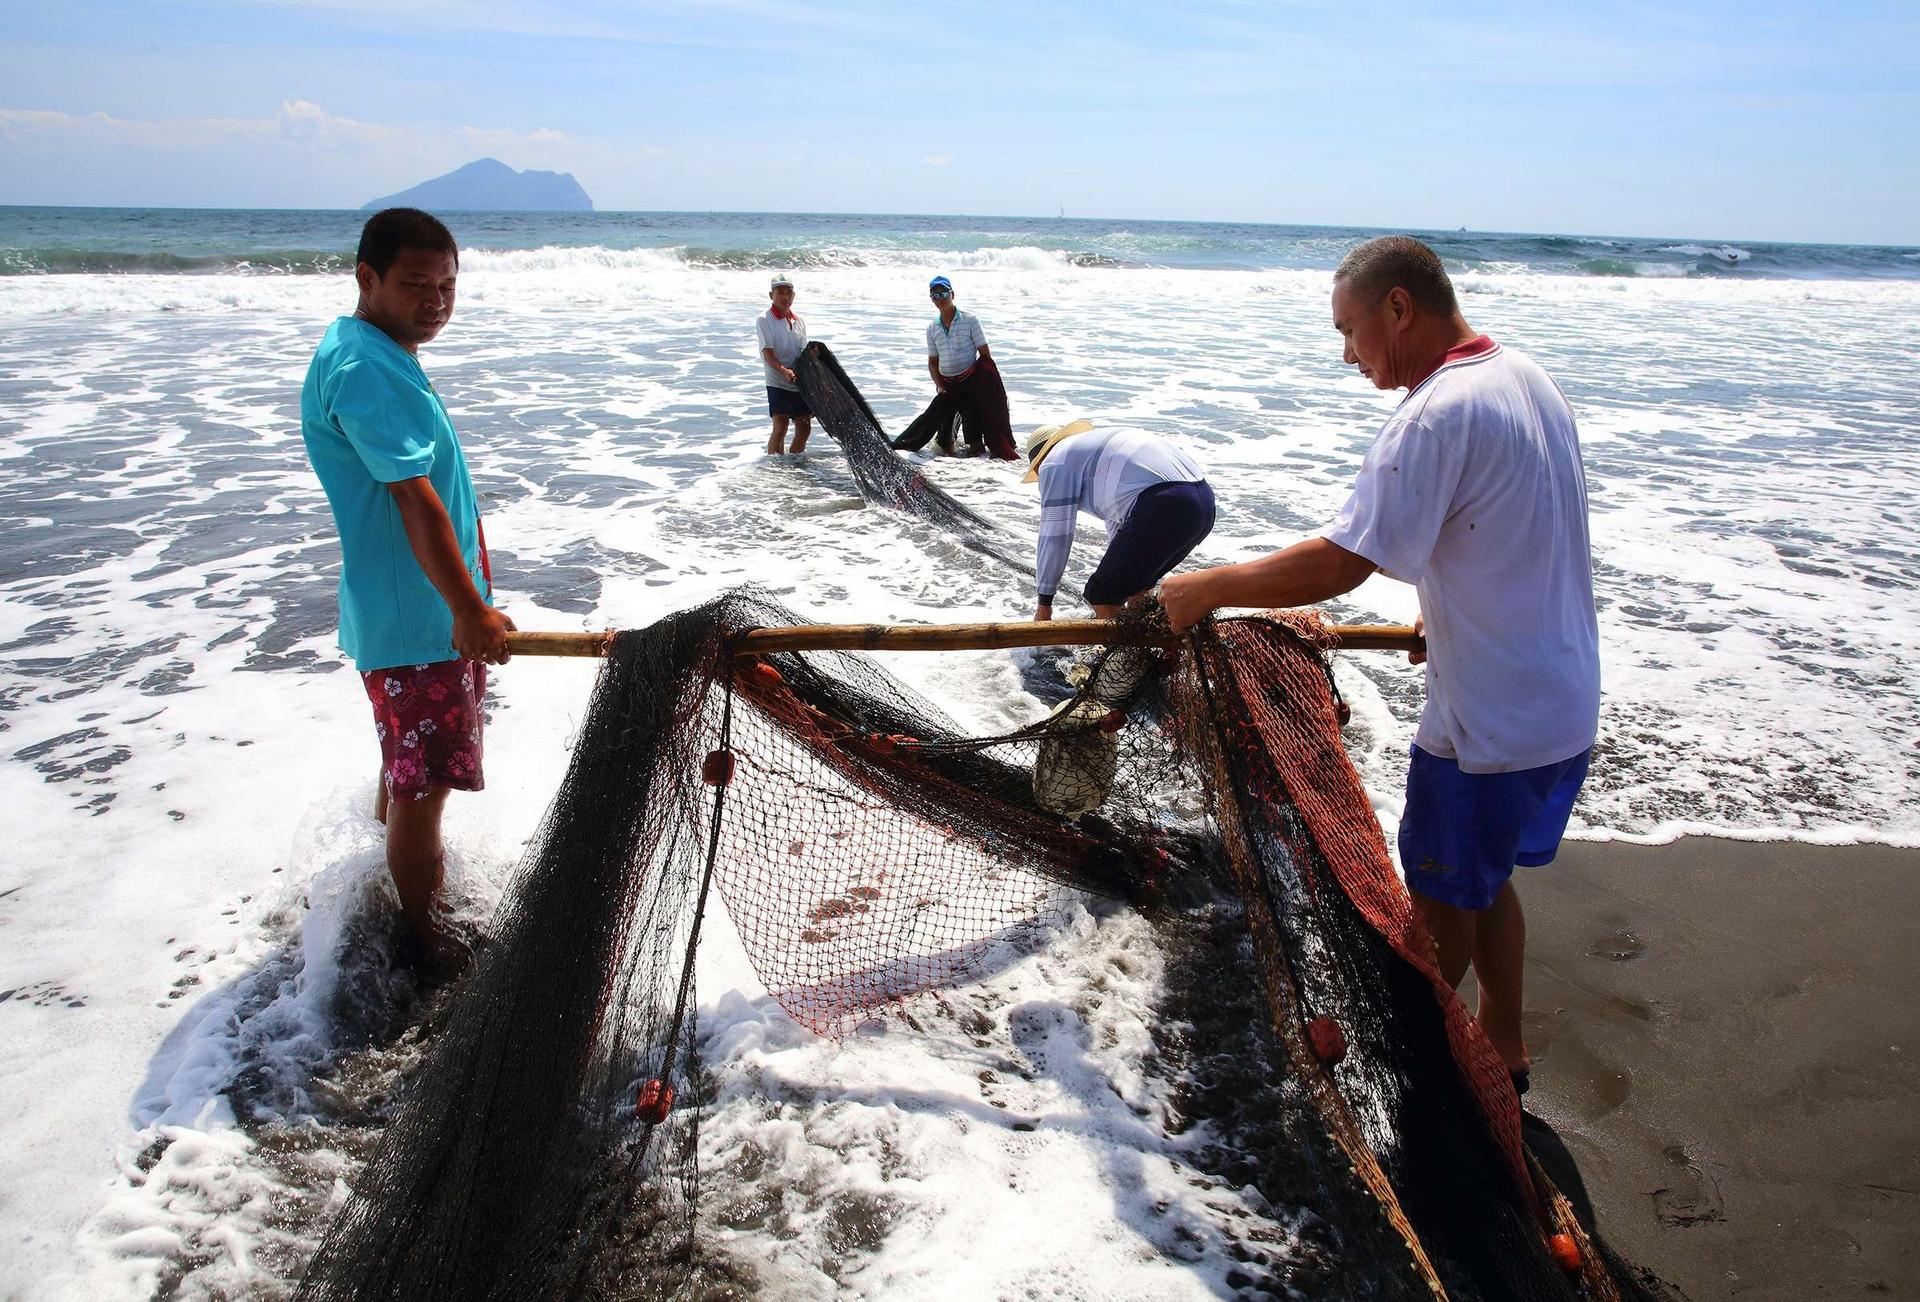 宜蘭外澳沙灘的牽罟環教活動,讓民眾得以體現古早友善捕魚方式。